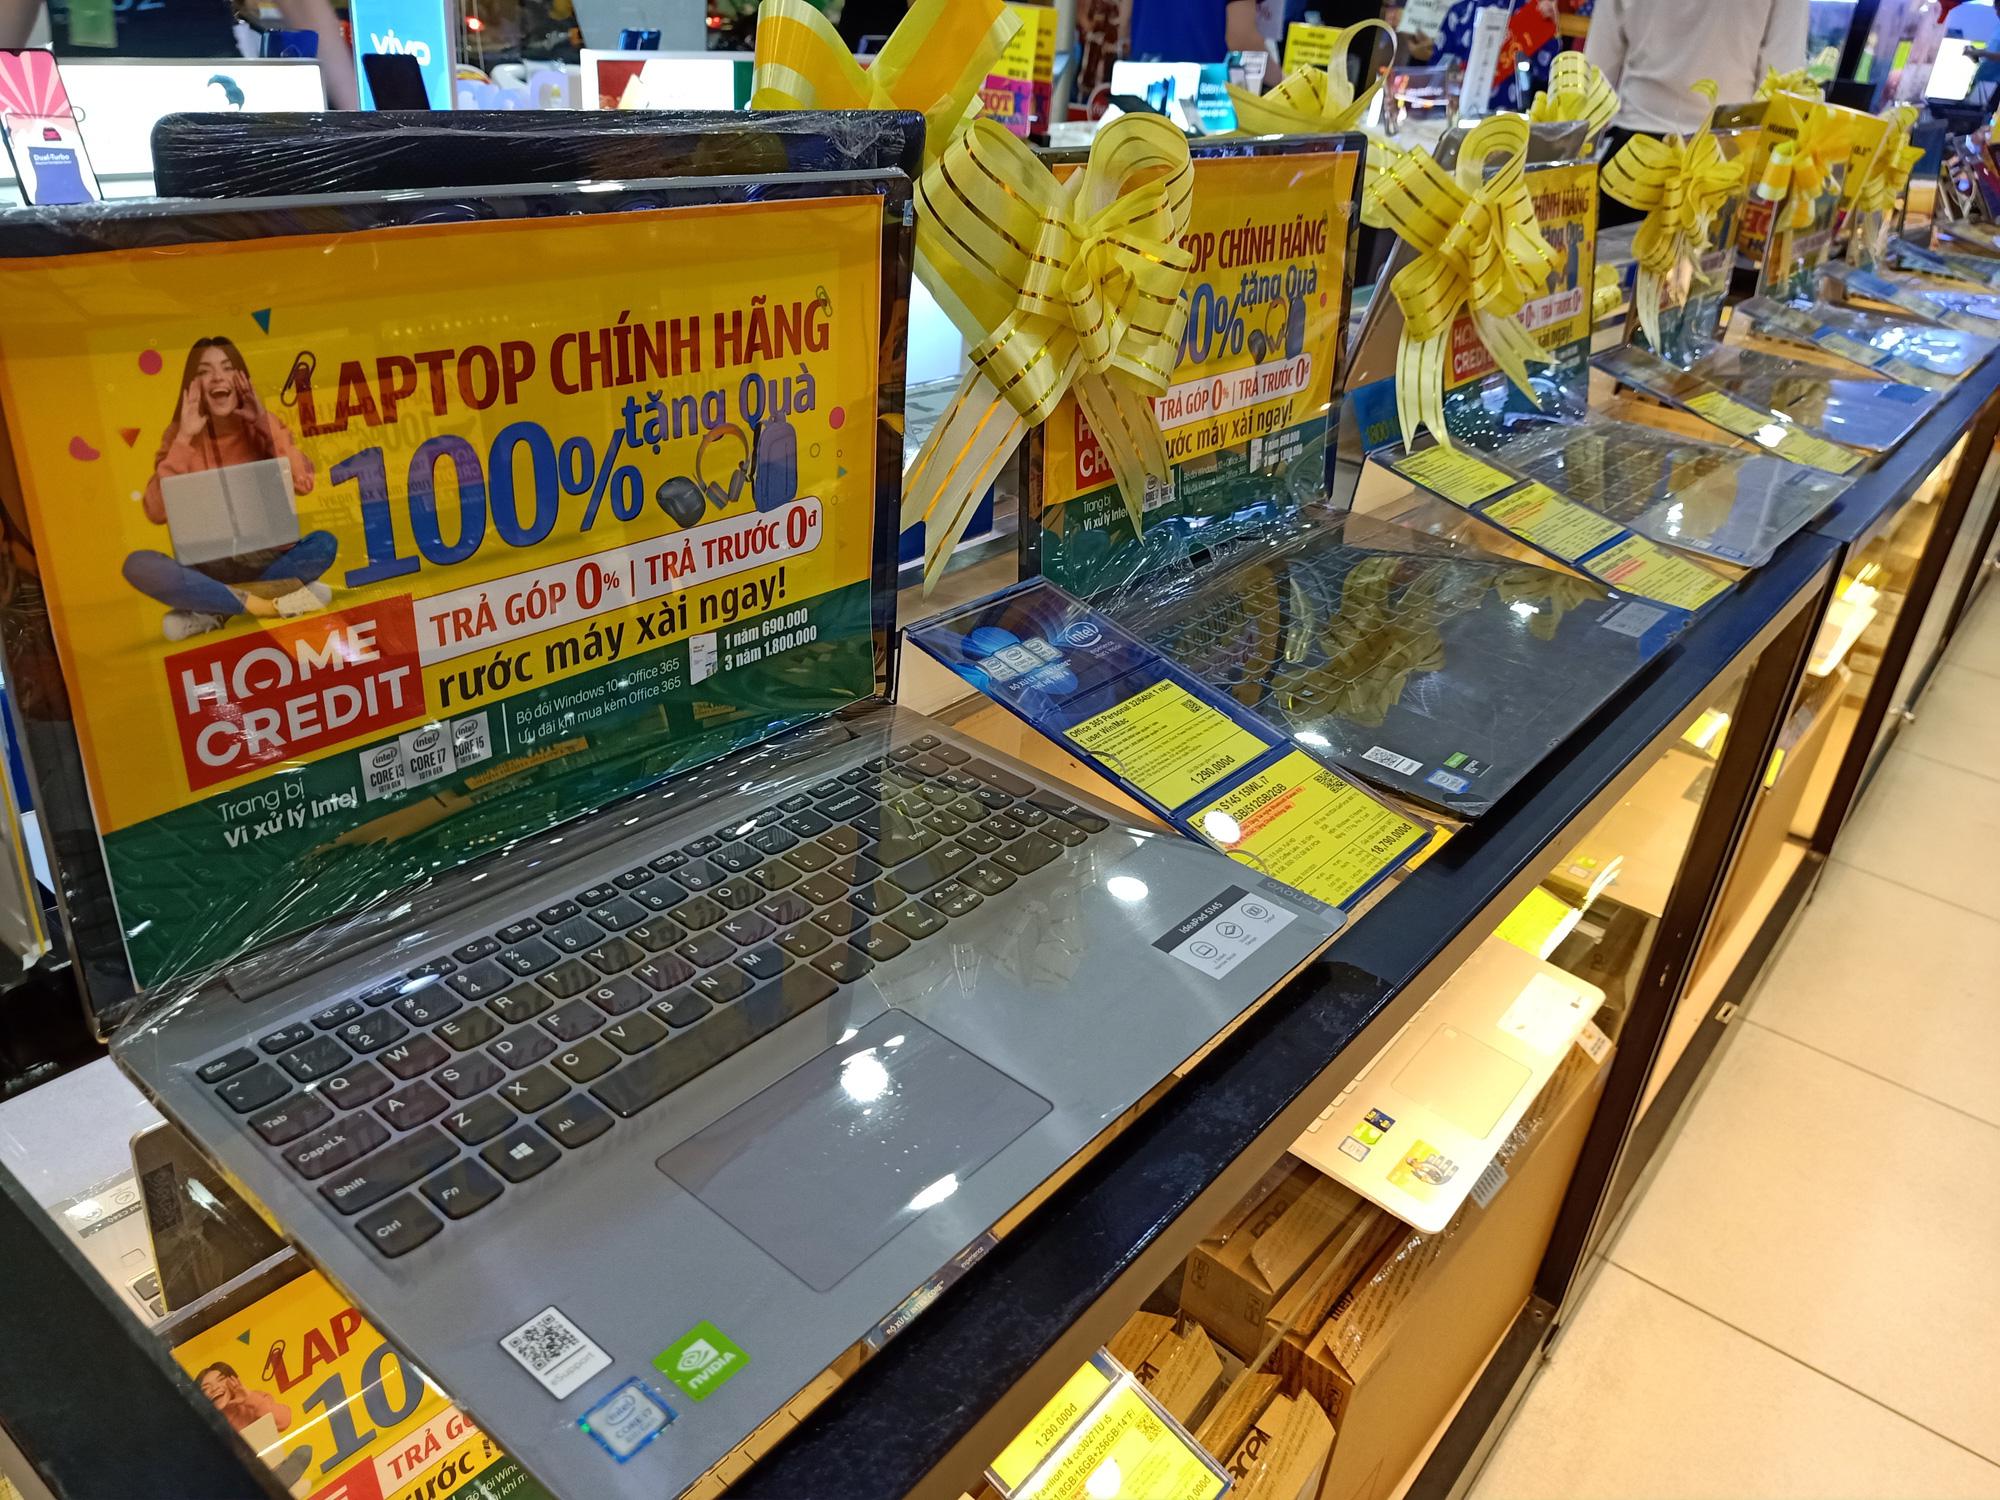 Laptop giảm giá tuần này: Macbook được ưu đãi thêm, máy Windows ưu đãi cho CPU Intel thế hệ 10 - Ảnh 3.